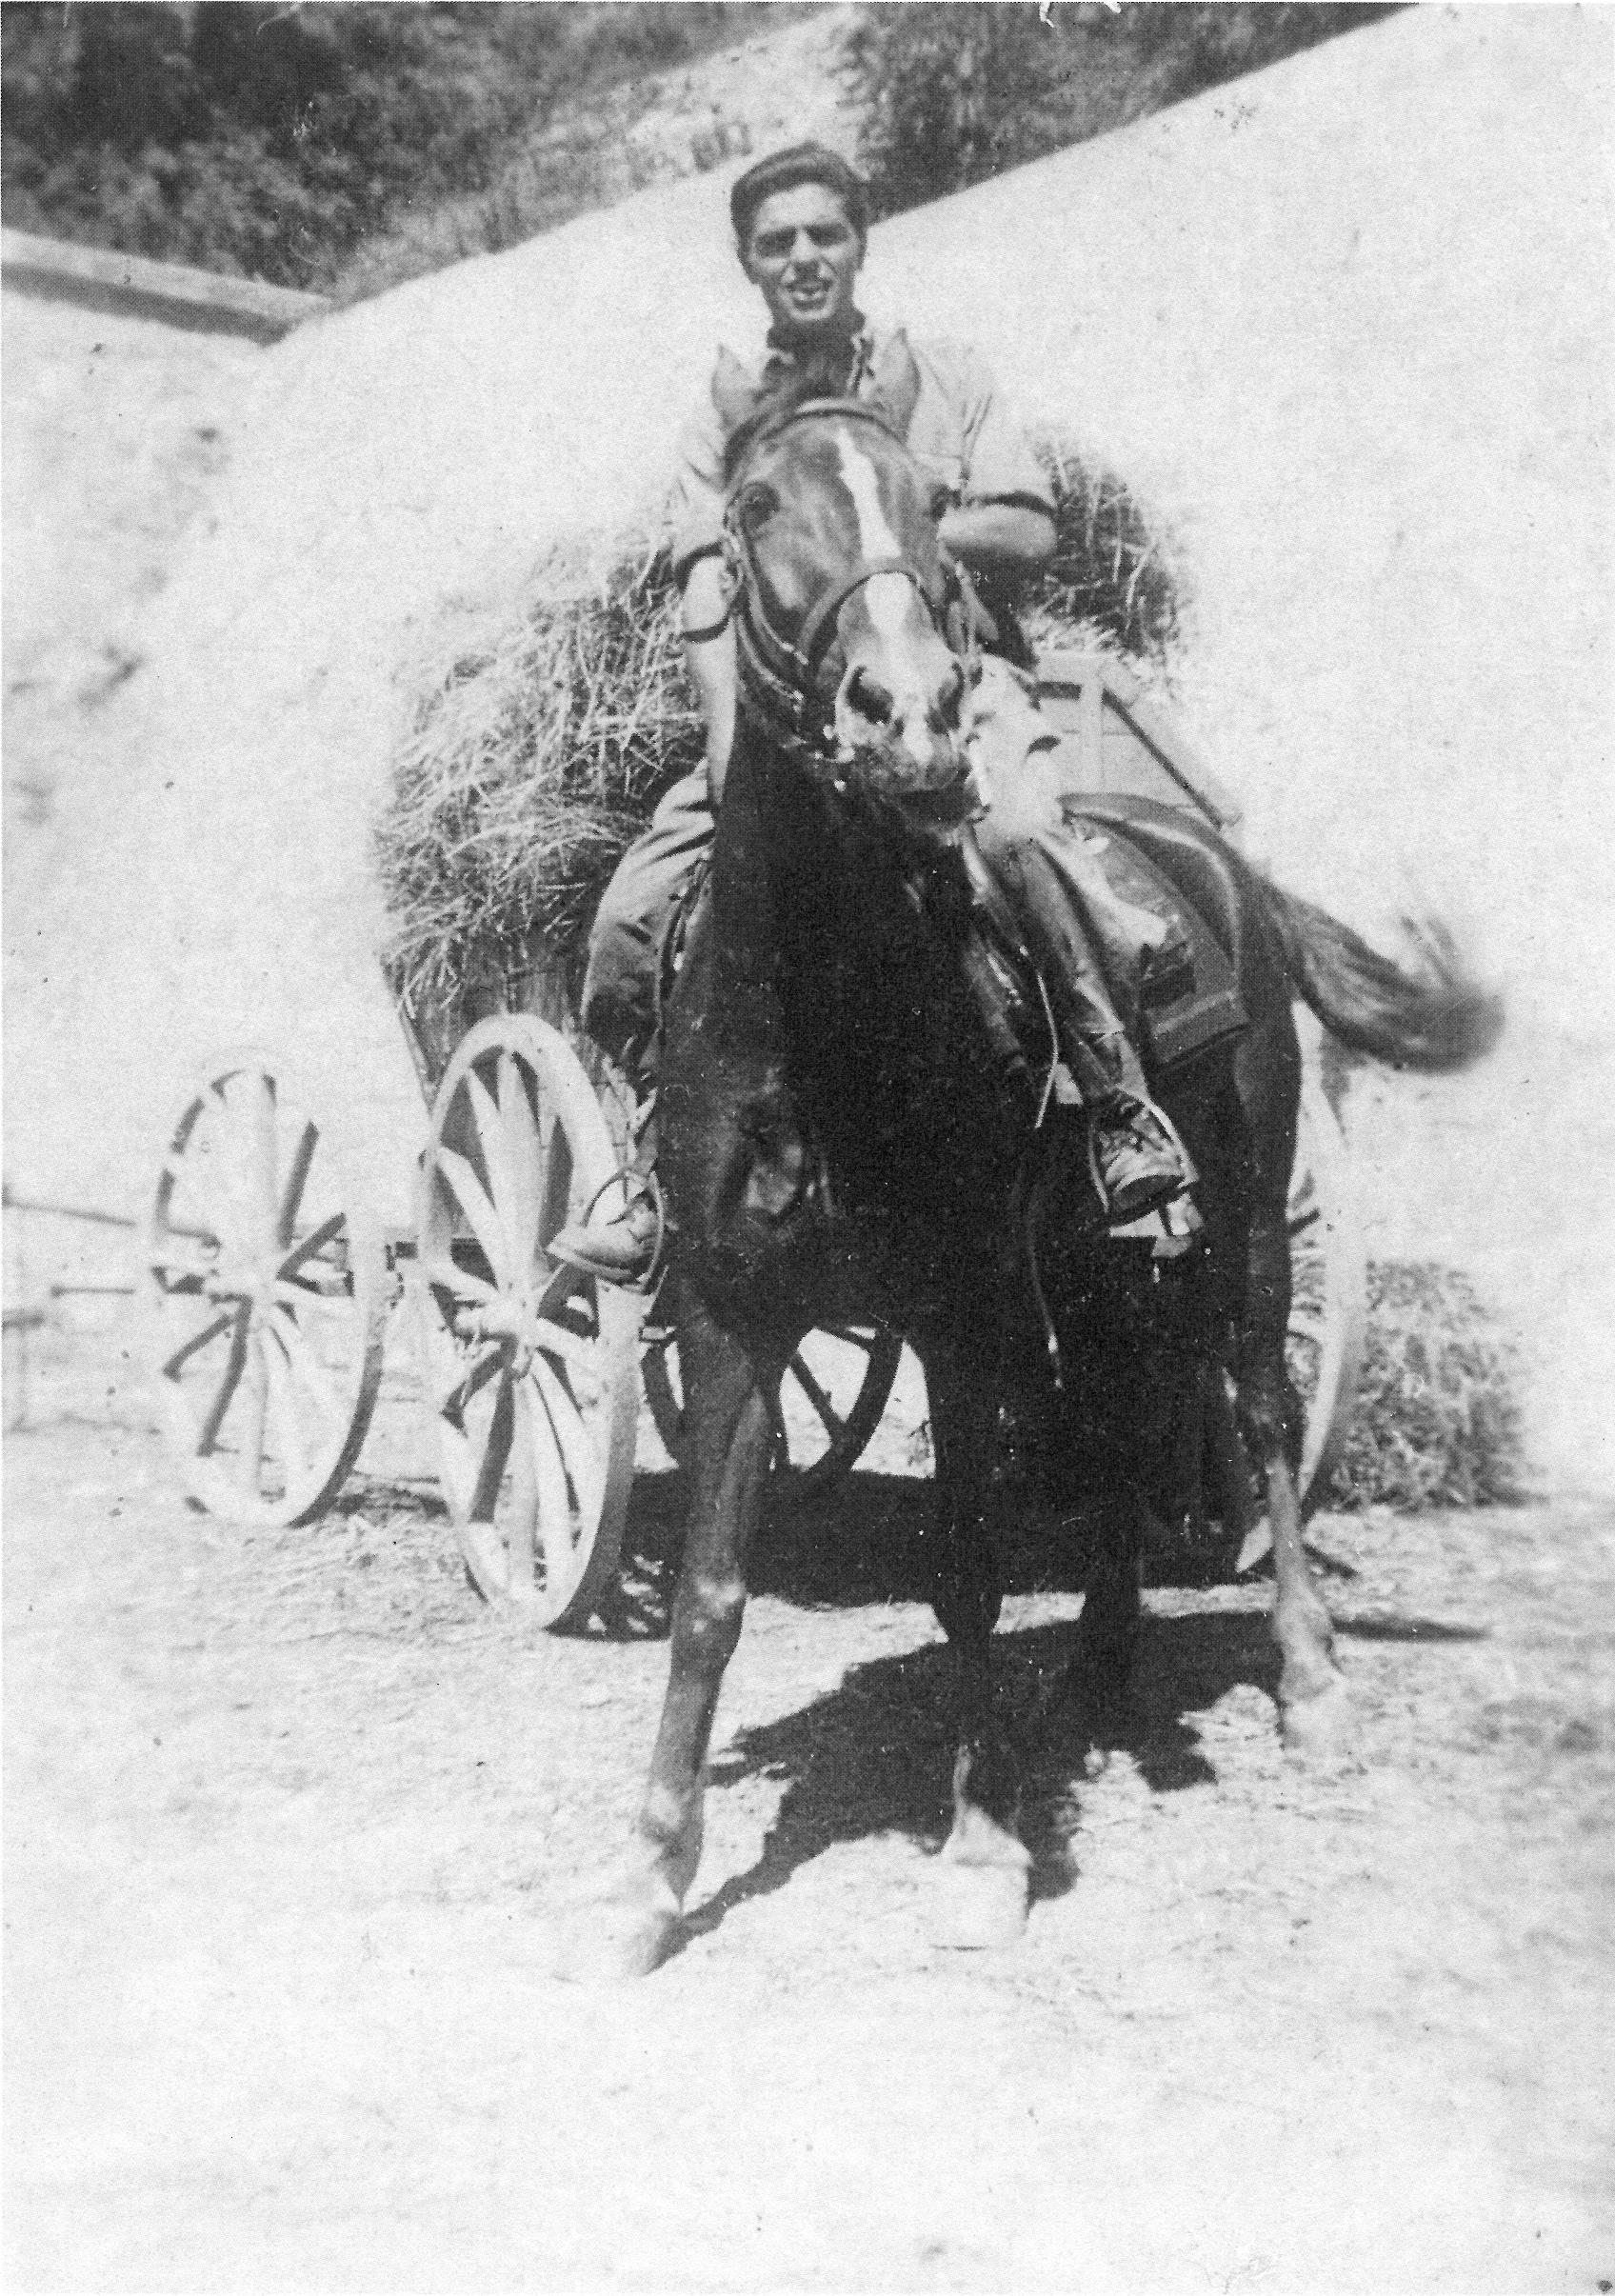 Lottare per scegliere. Dalla Resistenza alla Costituzione: Il partigiano Sergio Degli Esposti in posa a cavallo. Foto ANPI Spilamberto